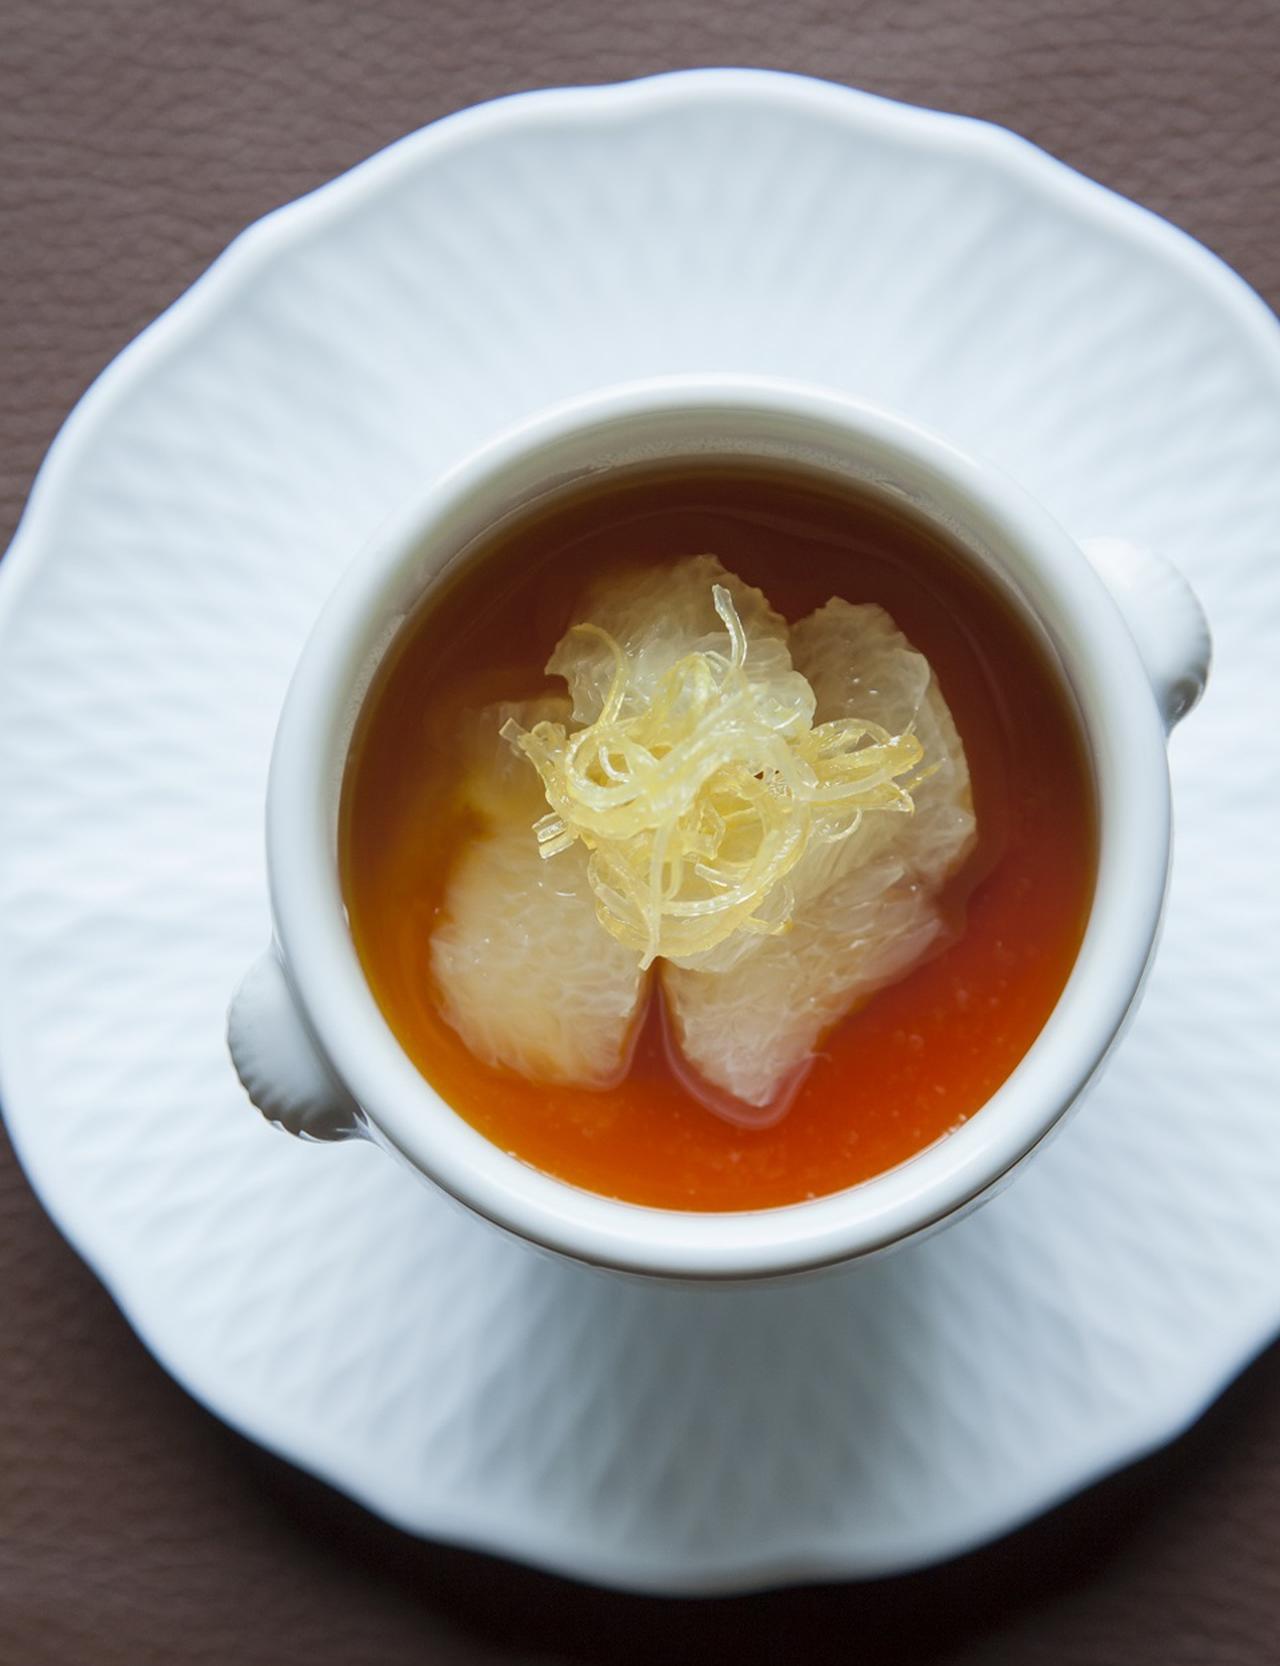 Images : 5番目の画像 - 「Vol.8 この店の、このひと皿。 「ル・ゴロワ フラノ」の 旬菜 ル・ゴロワ風サラダ」のアルバム - T JAPAN:The New York Times Style Magazine 公式サイト